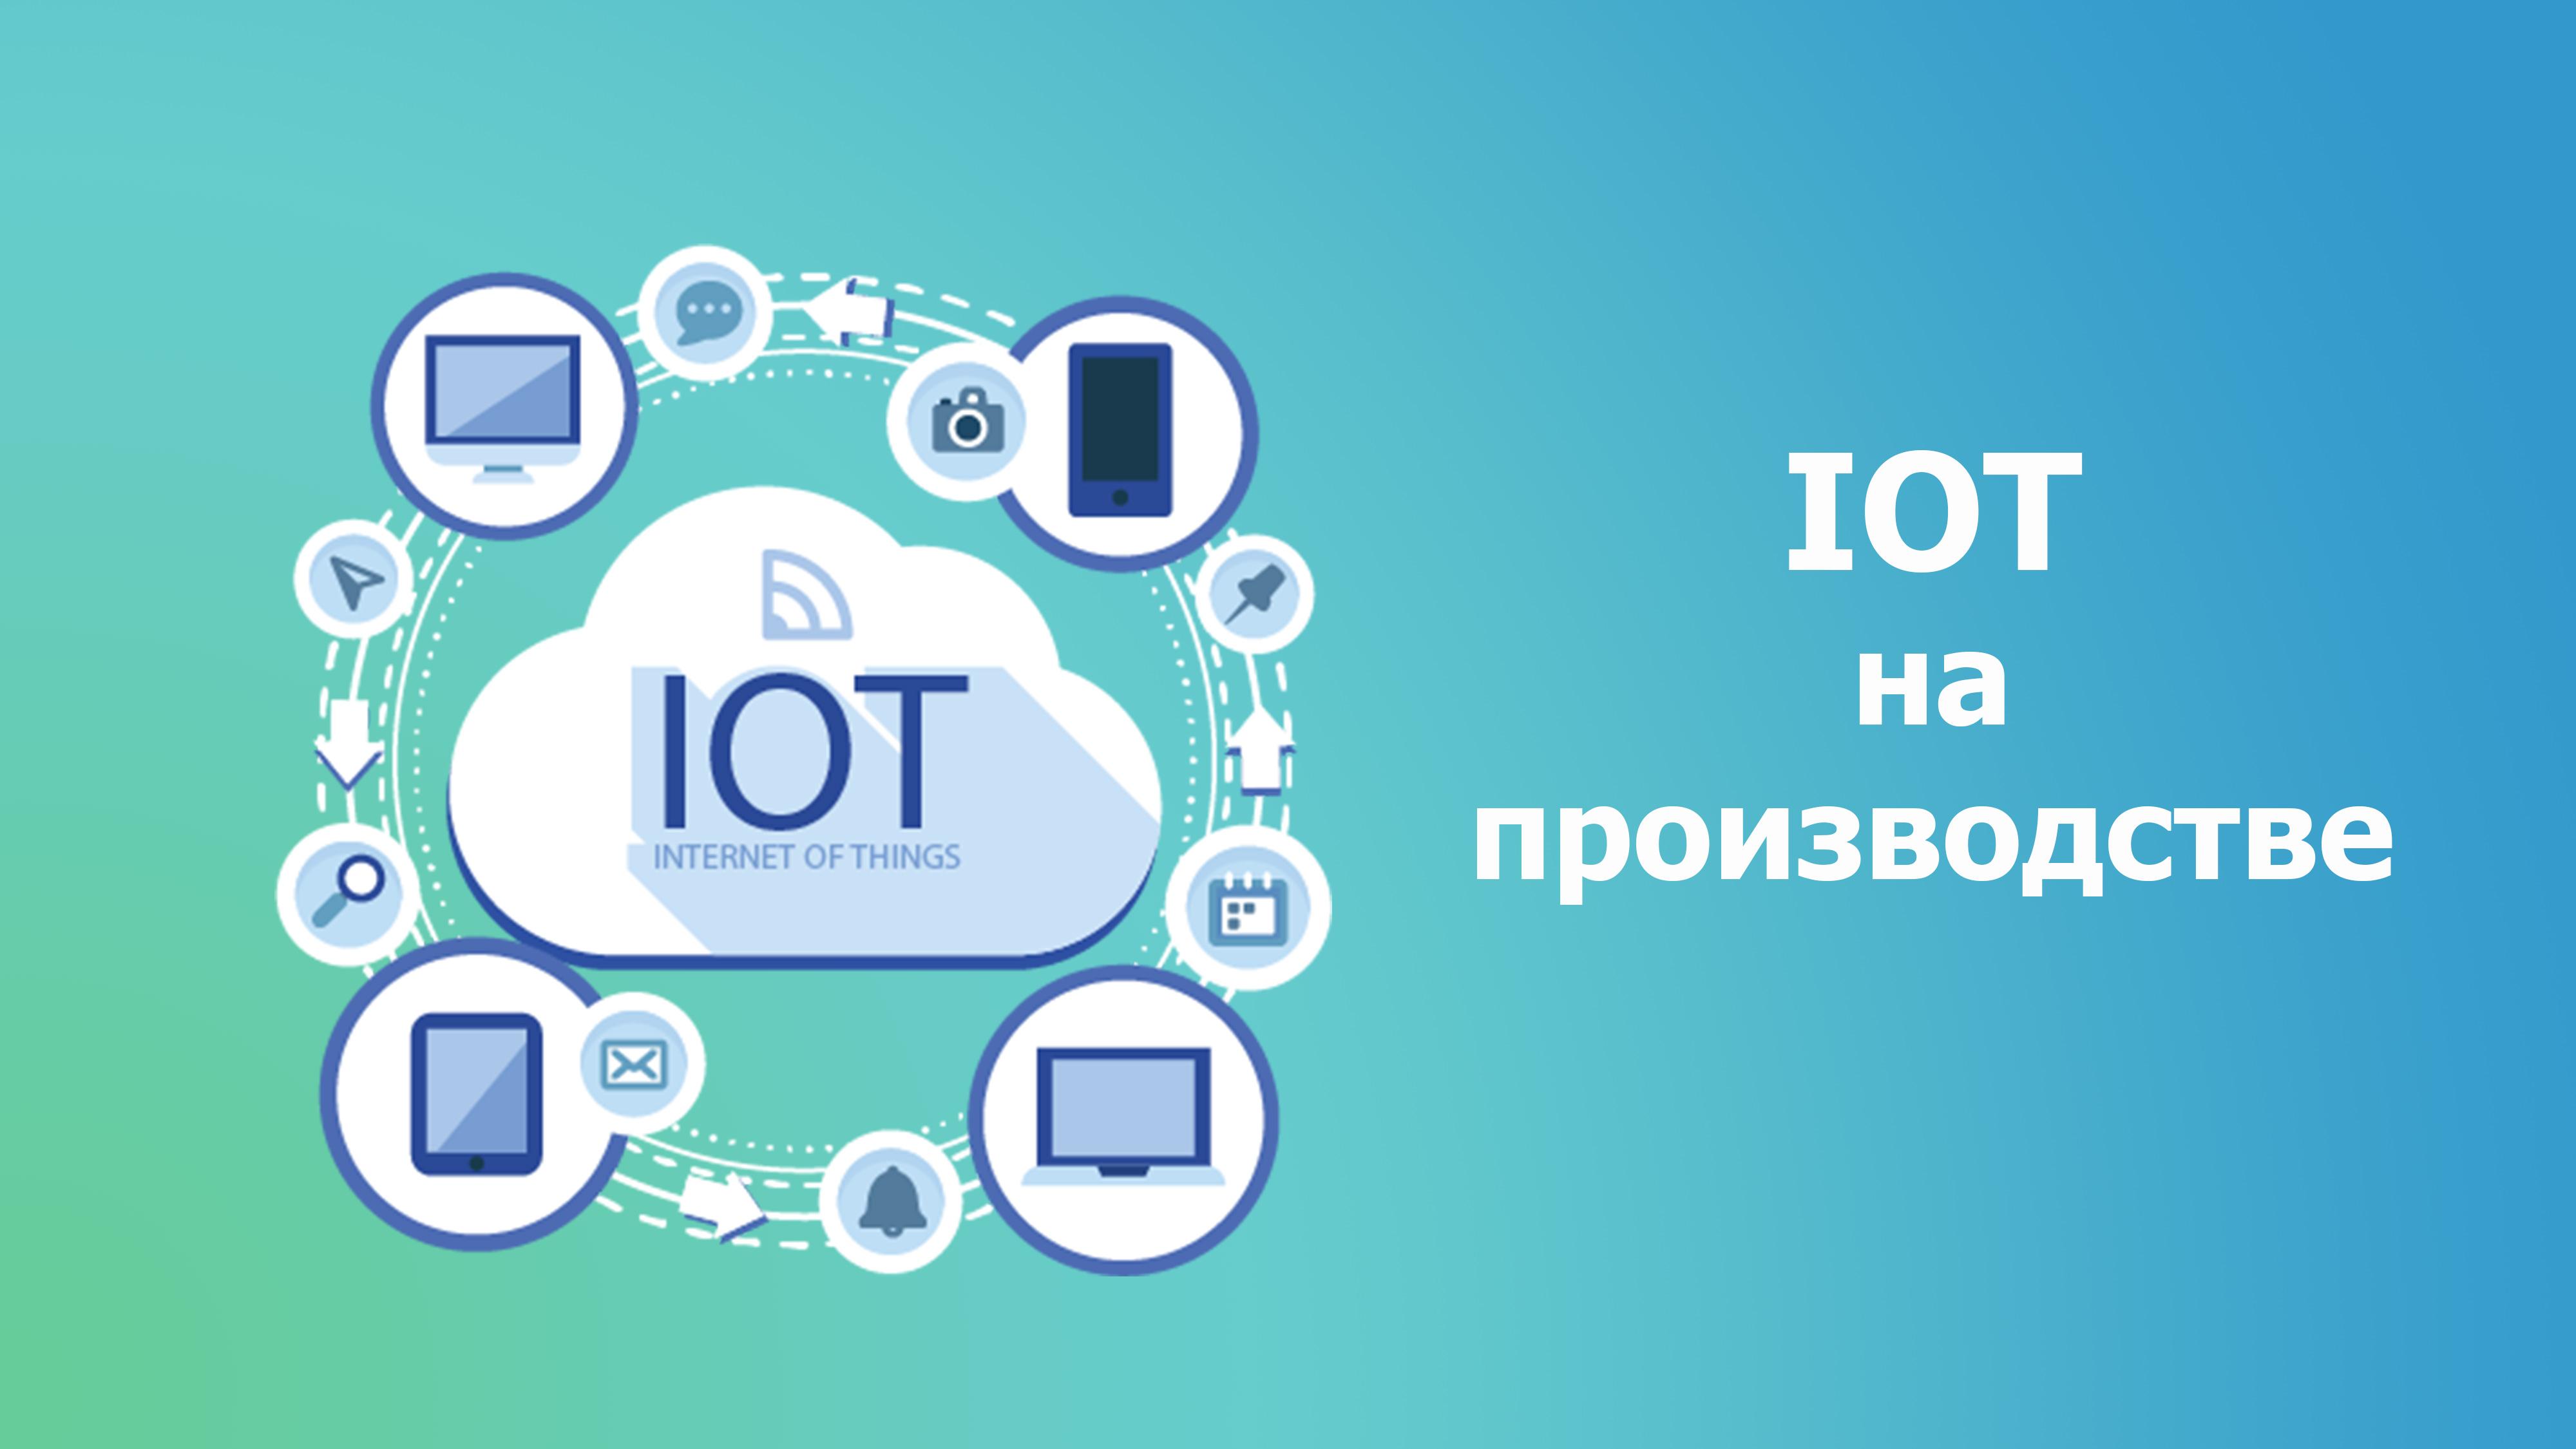 IoT на производстве: снижение потребления, повышение безопасности